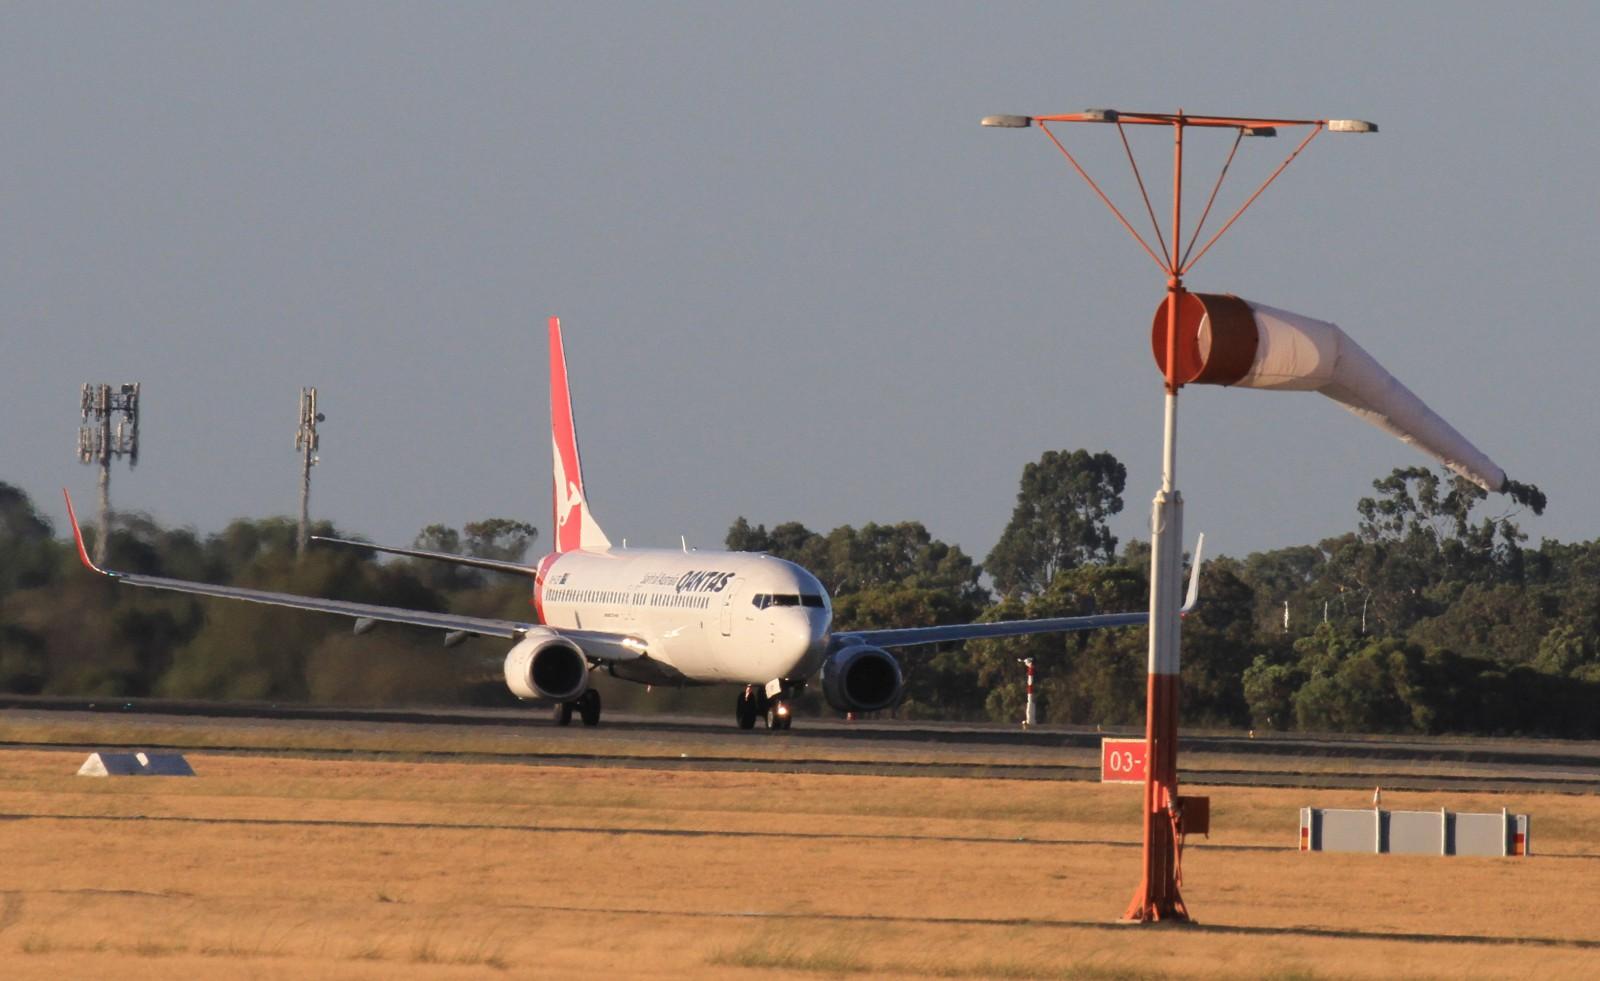 Qantas Pilot praised for quick action